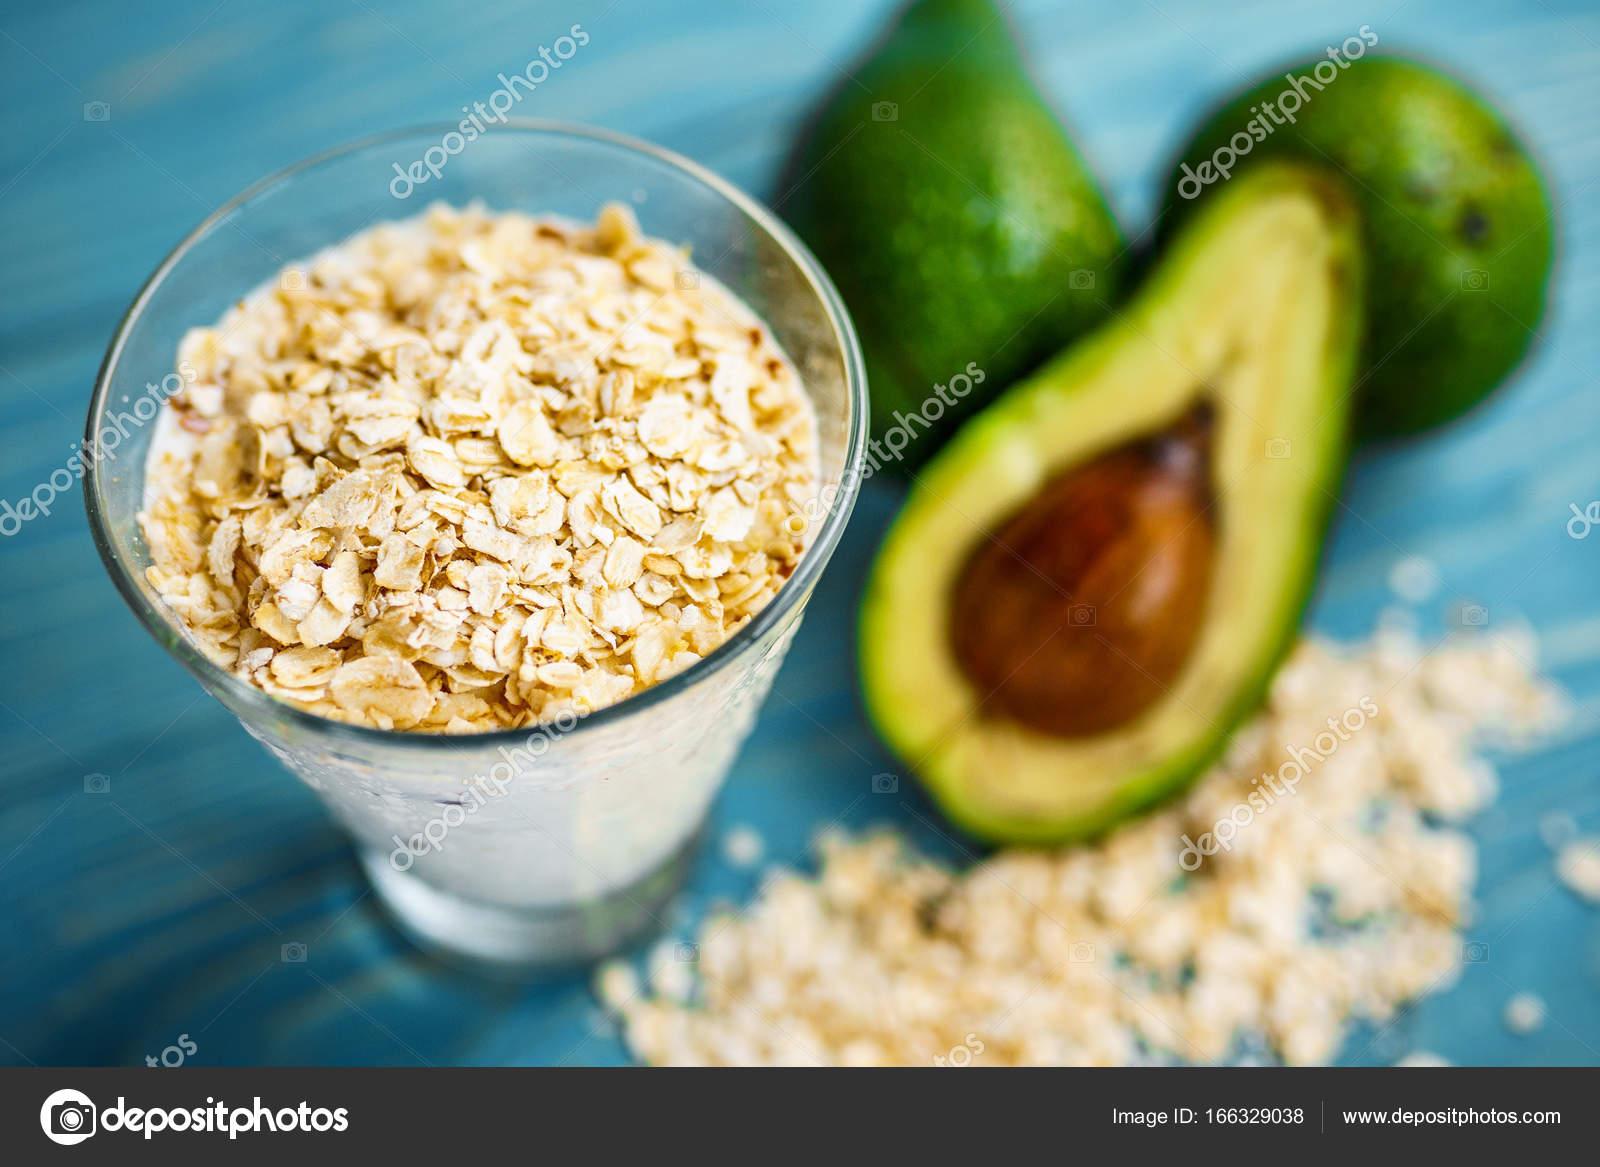 Zdrowe Jedzenie Dietetyczne Sniadanie Lub Przekaske Zielone